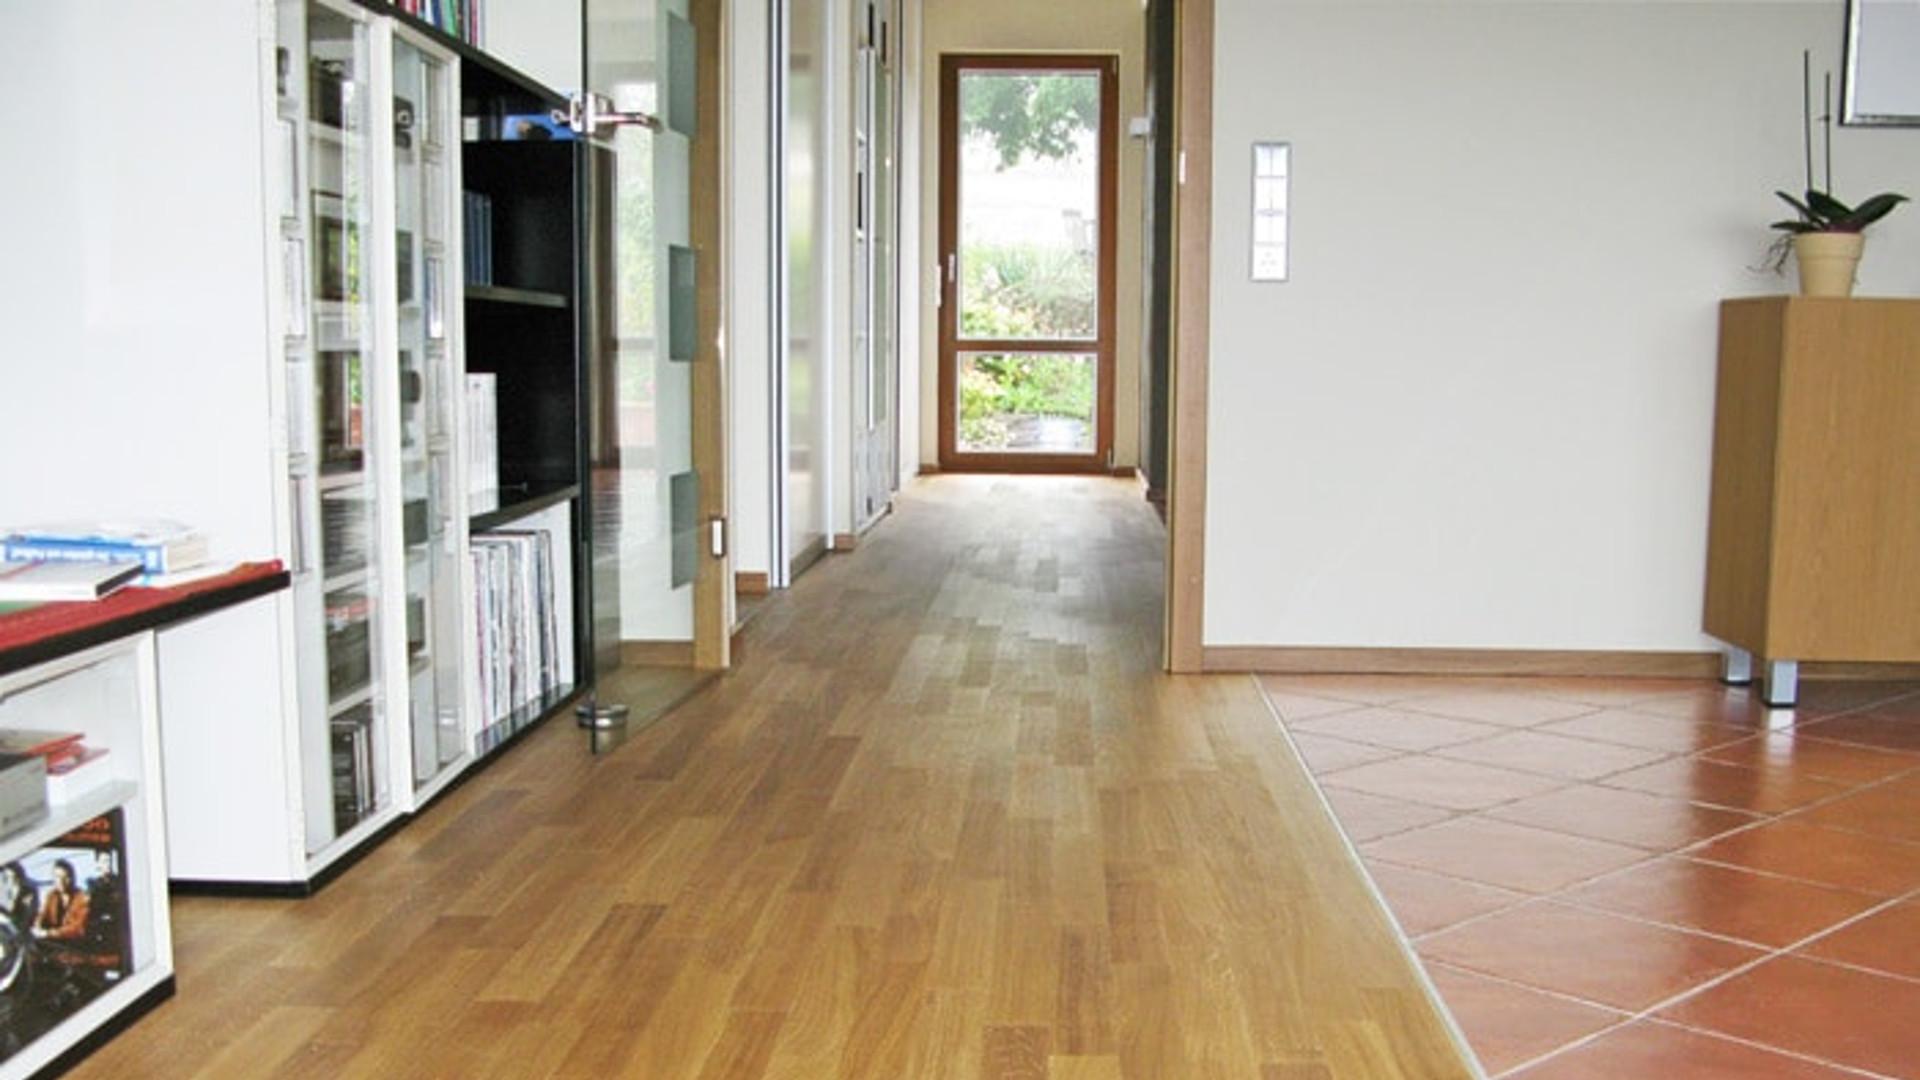 Fußboden Trier ~ Fußboden schreiner bhg trier koblenz luxembourg